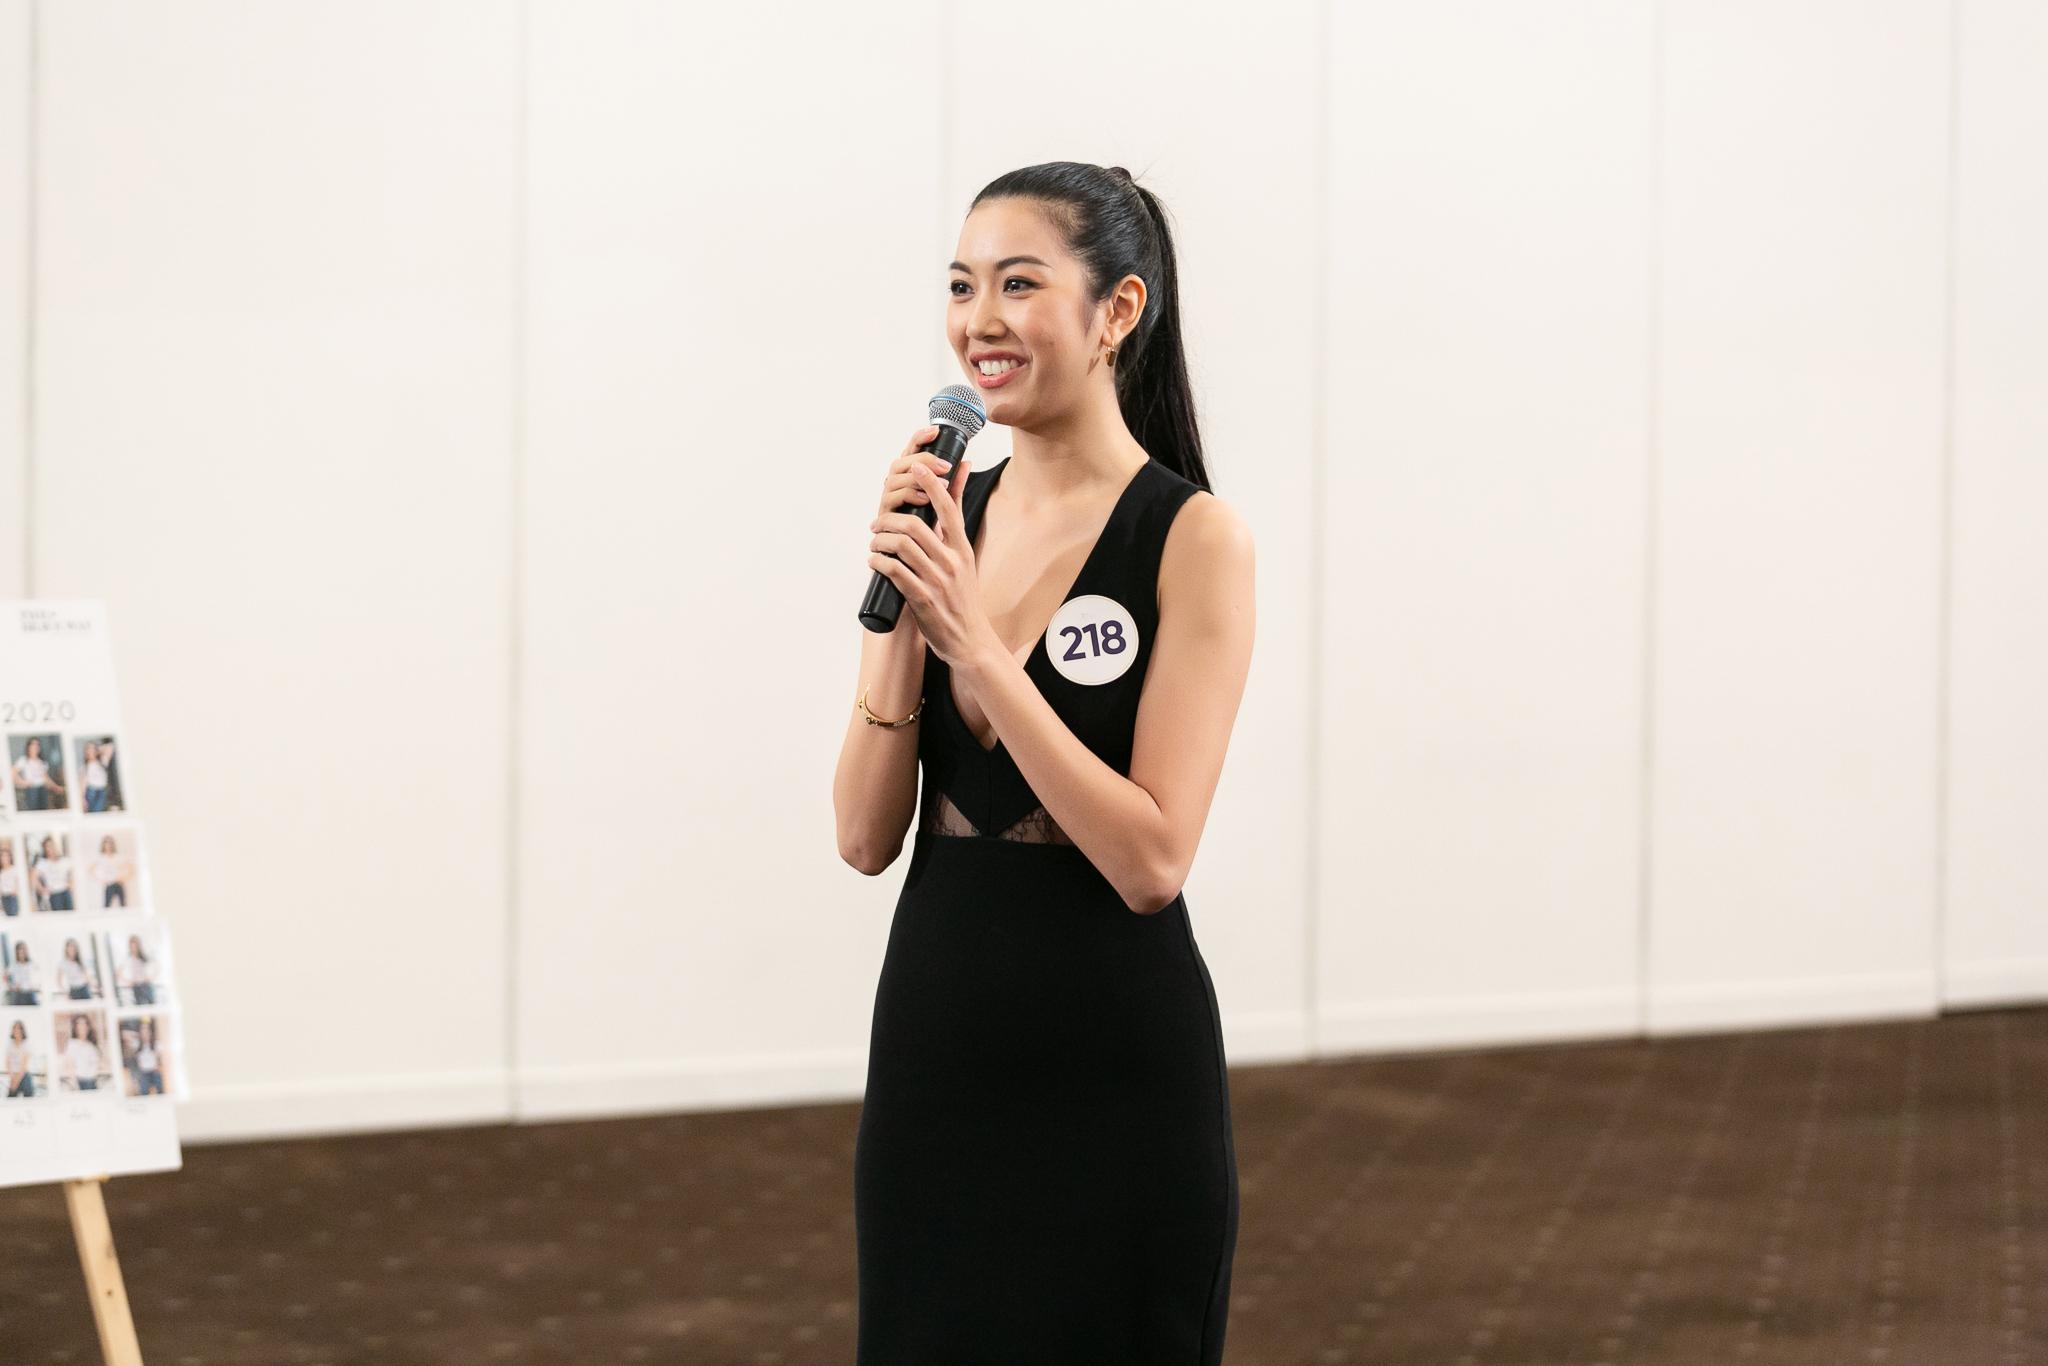 Thí sinh Phạm Hồng Thúy Vân tiếp tục dẫn đầu Tập 7